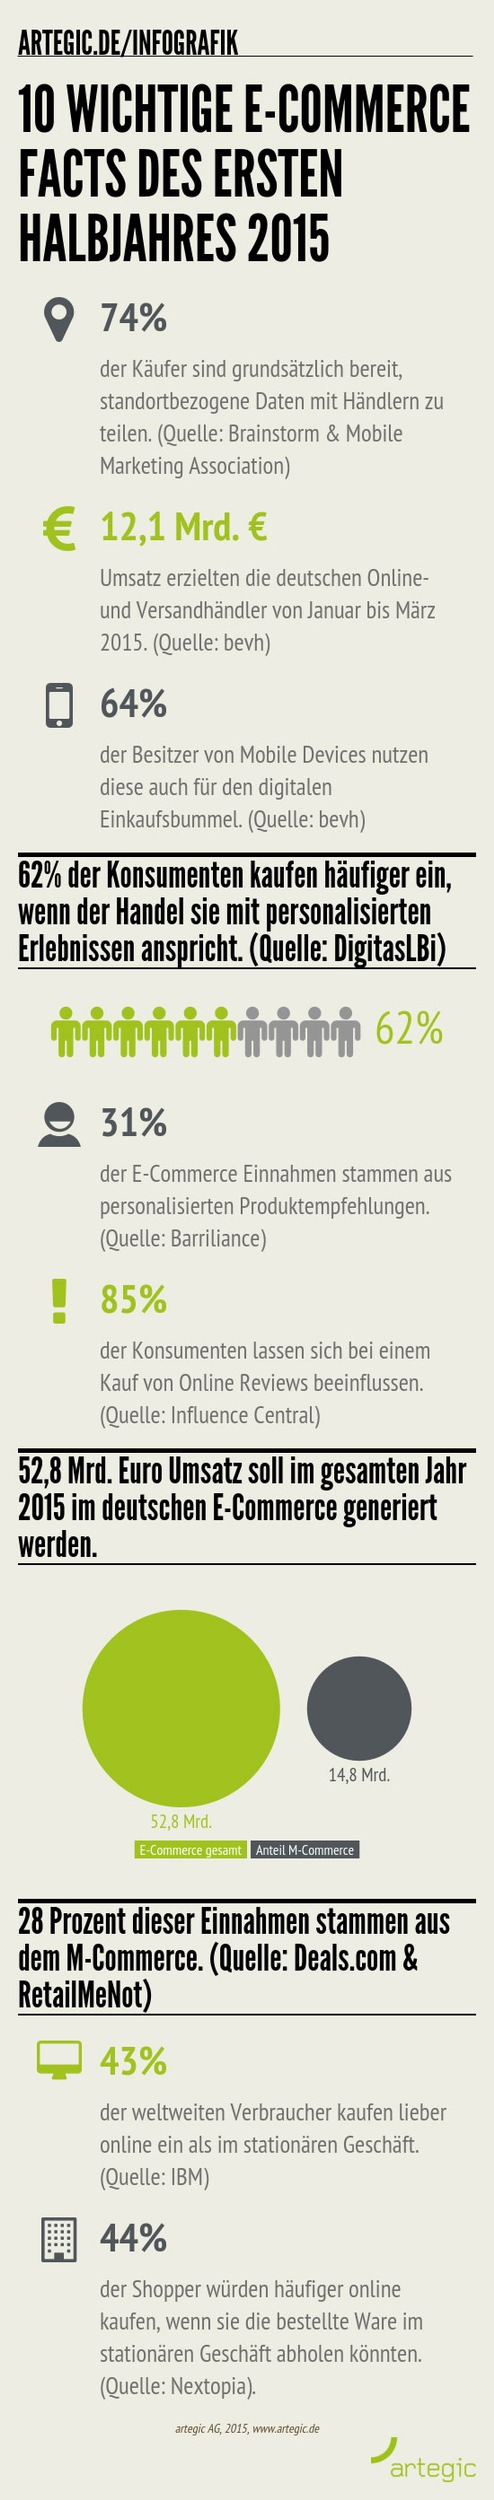 Infografik: 10 wichtige E-Commerce Facts des ersten Halbjahres 2015